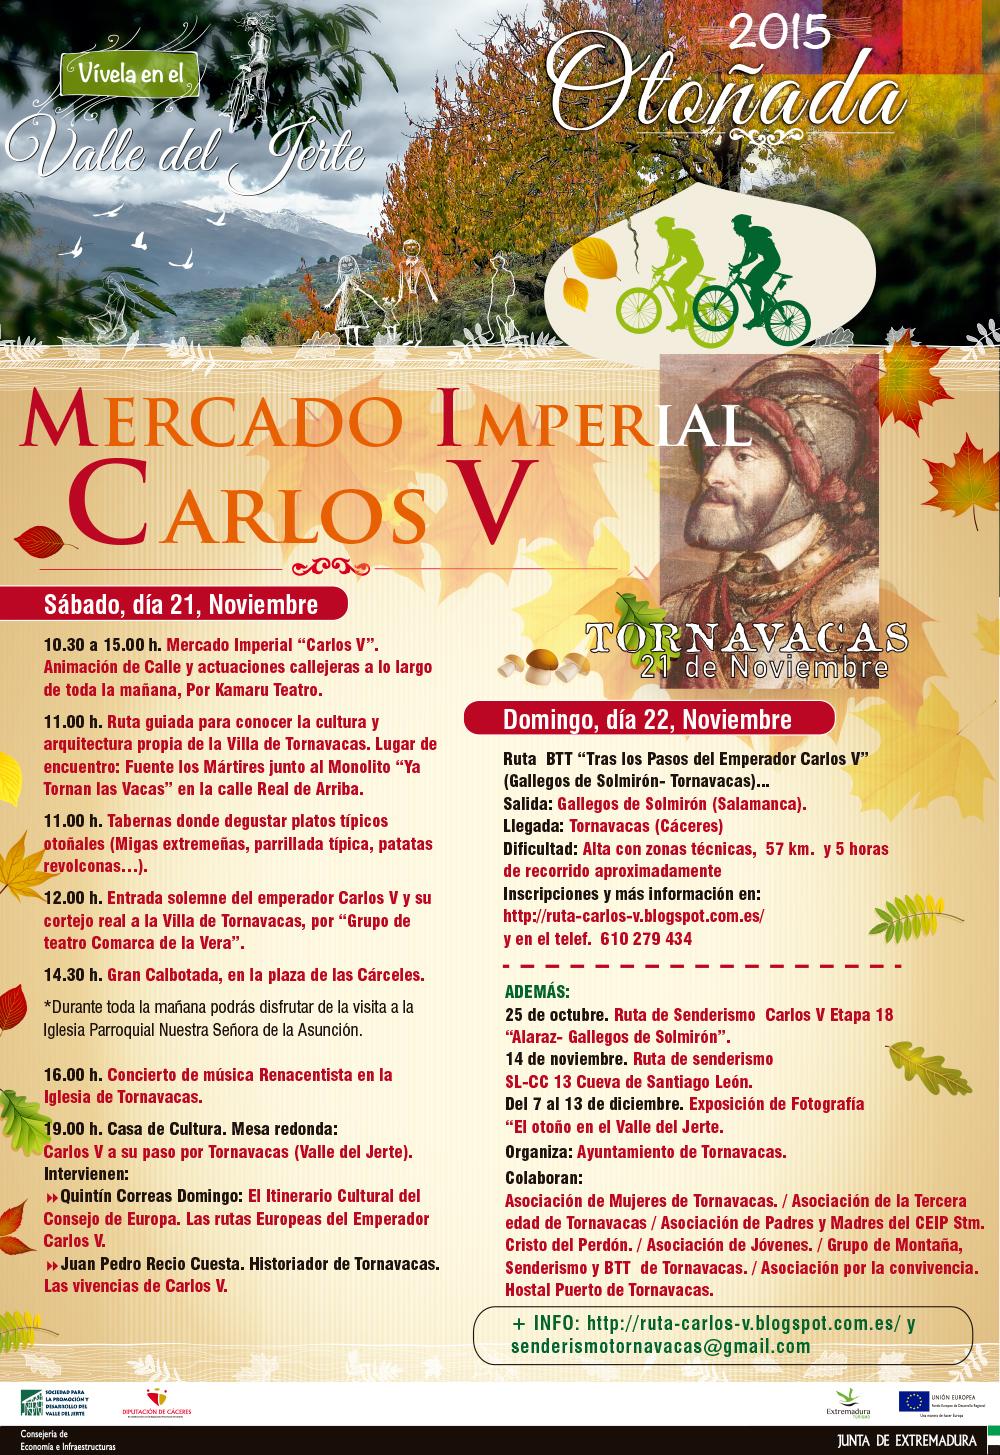 Mercado Imperial Carlos V